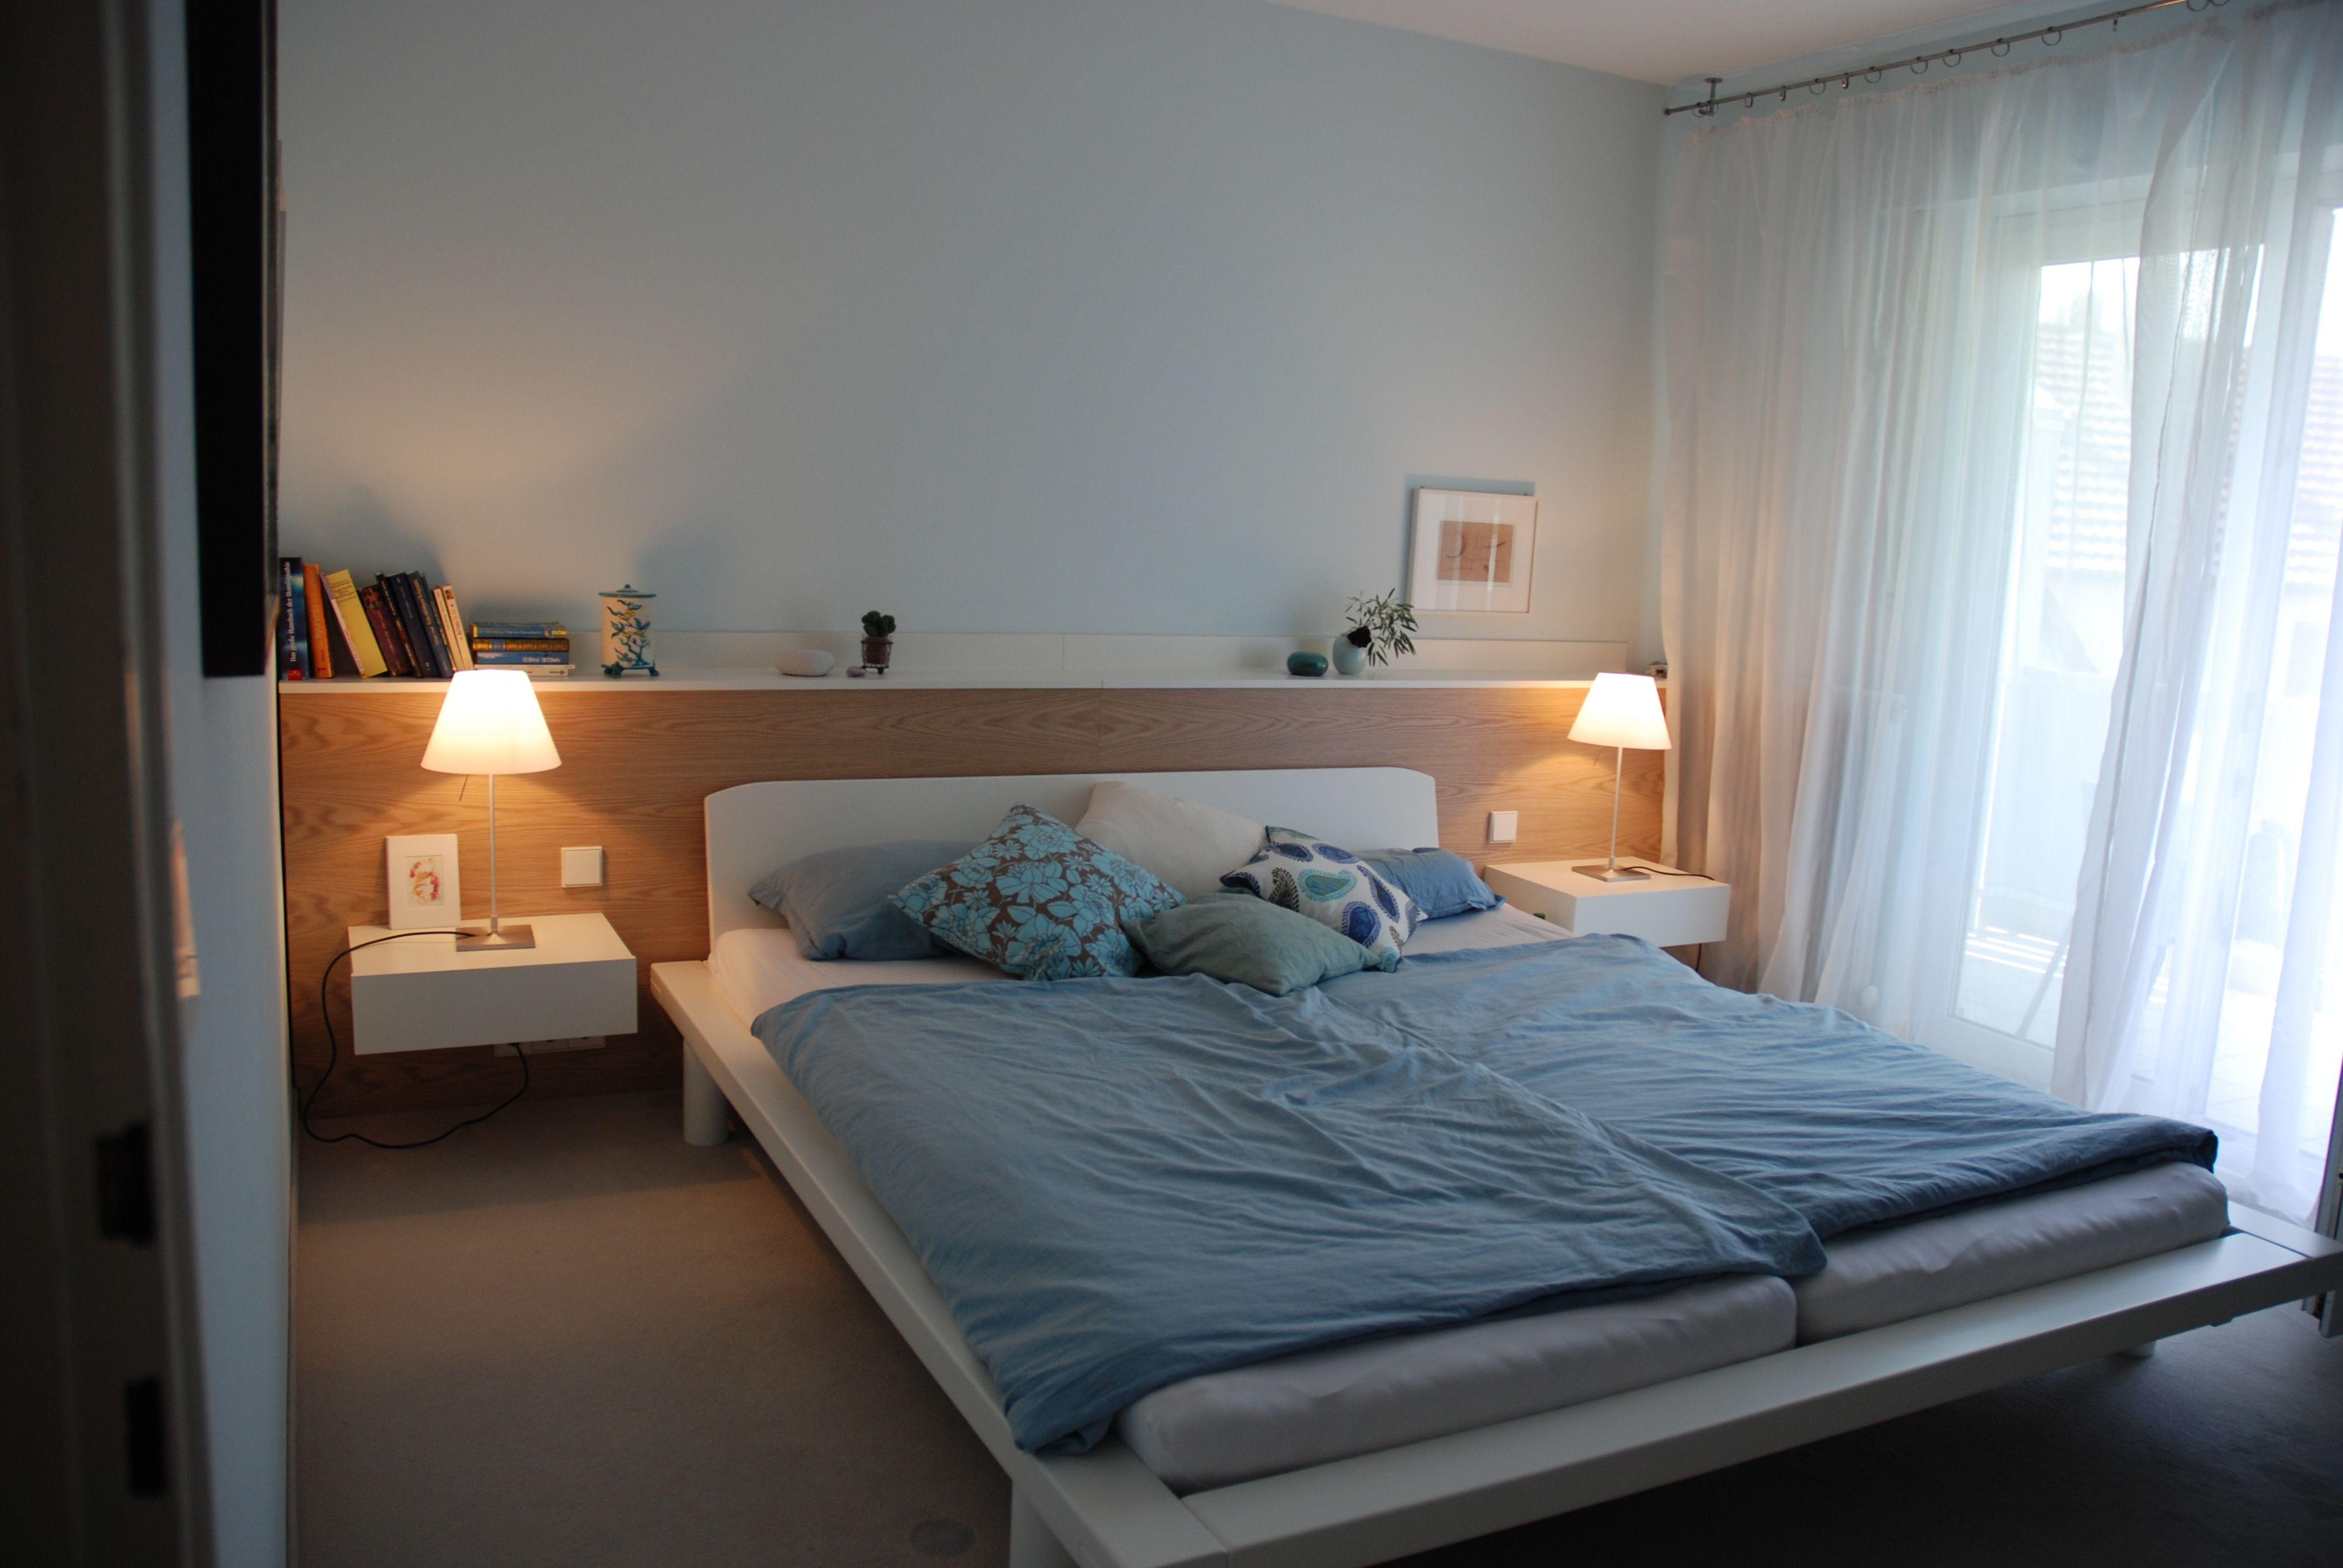 VorherNachher& das Schlafzimmer soll gestrichen werden